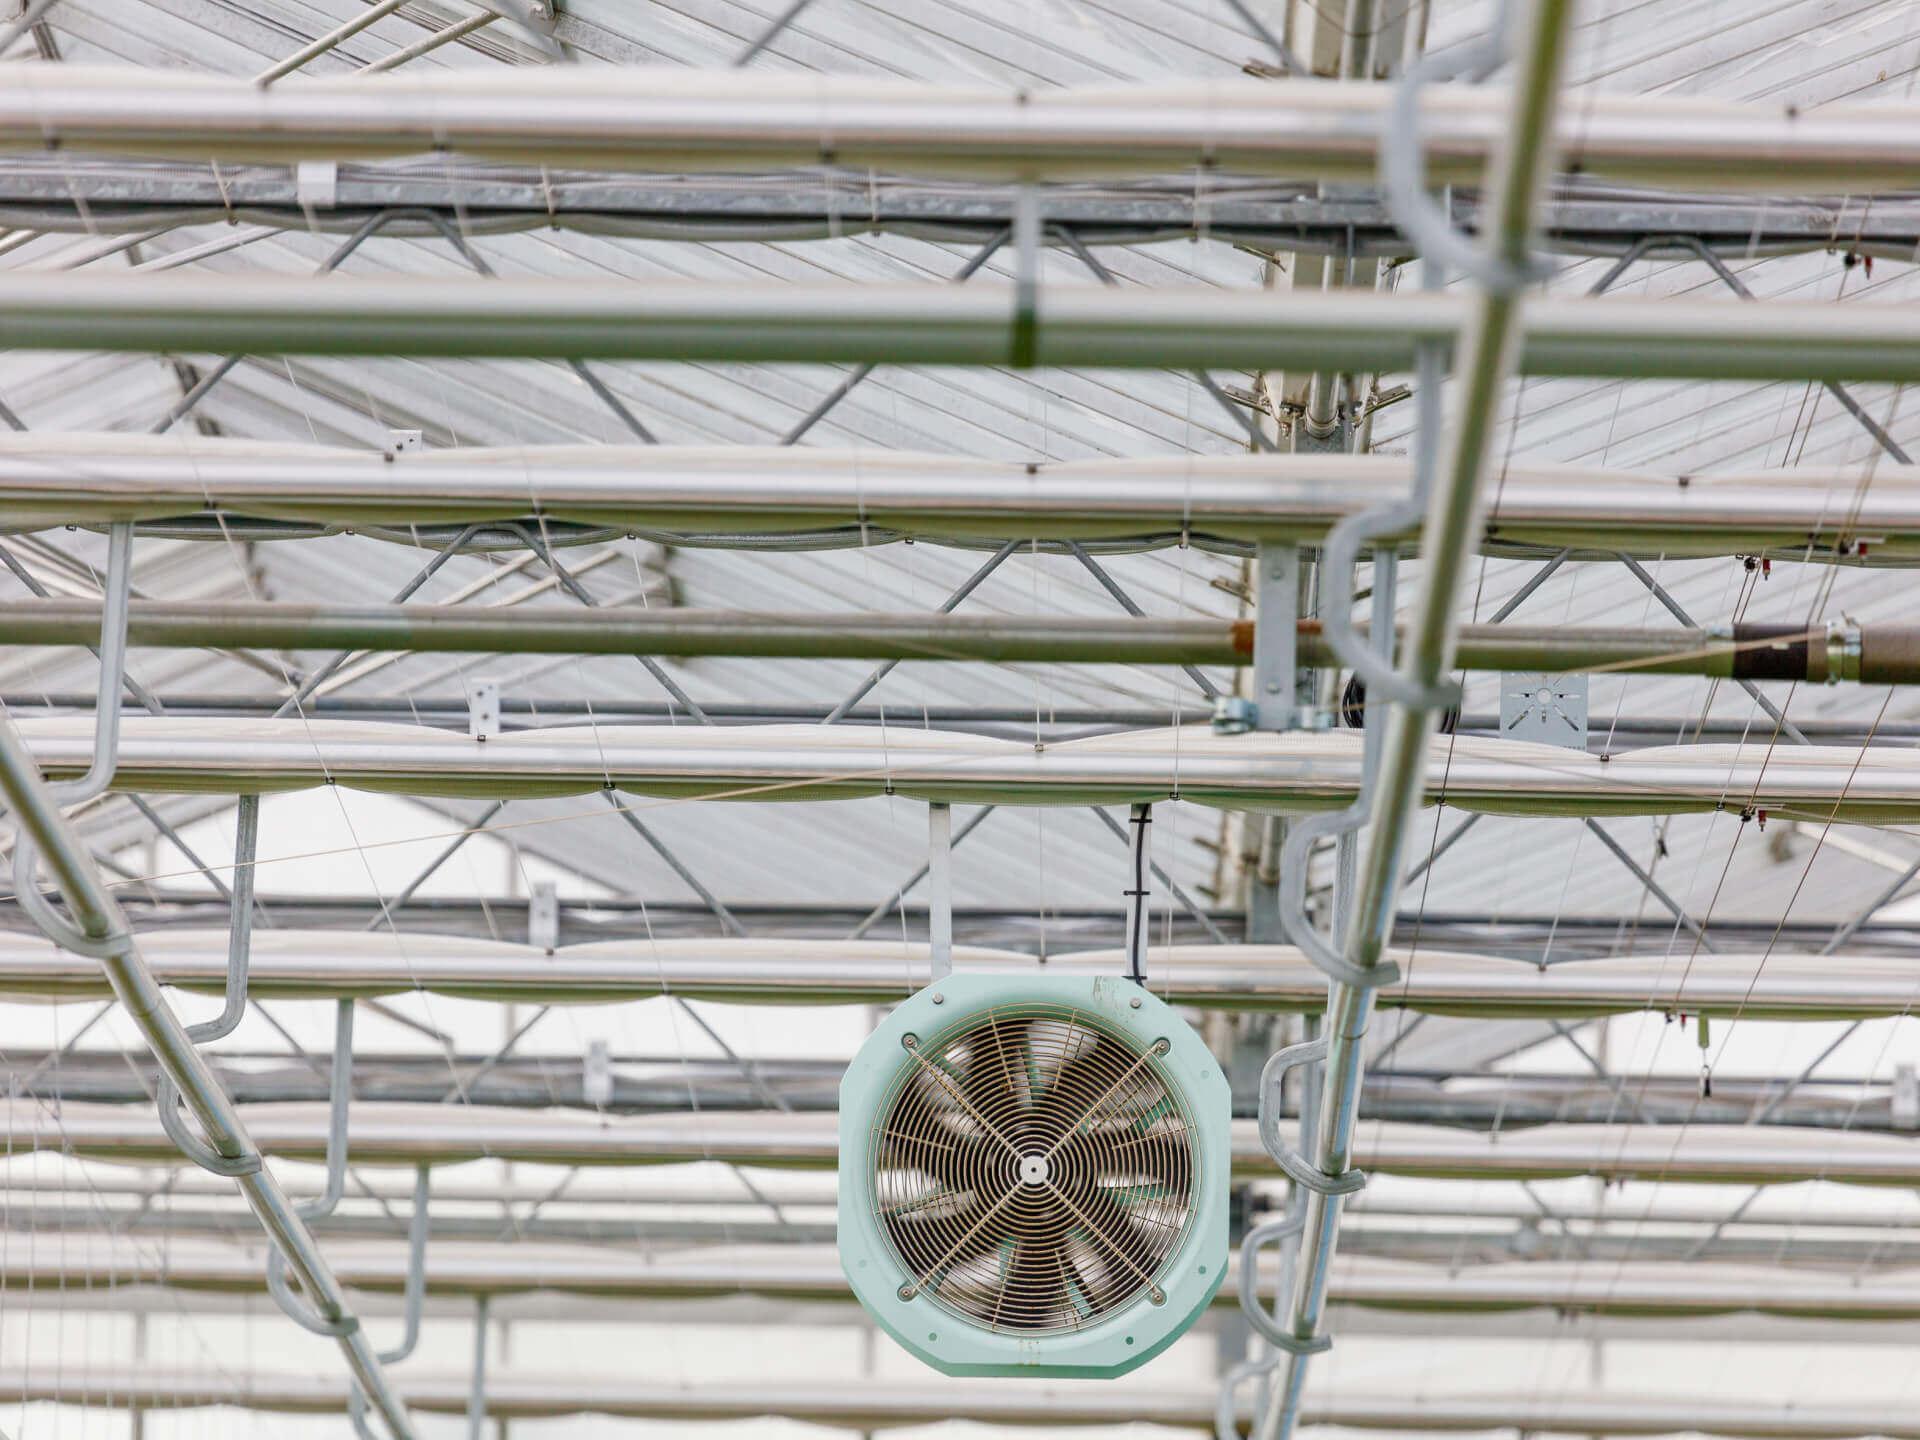 20180130 C 4 Hogervorst Tabben HTgreenhouses kassenbouw sloop kasmaterialen